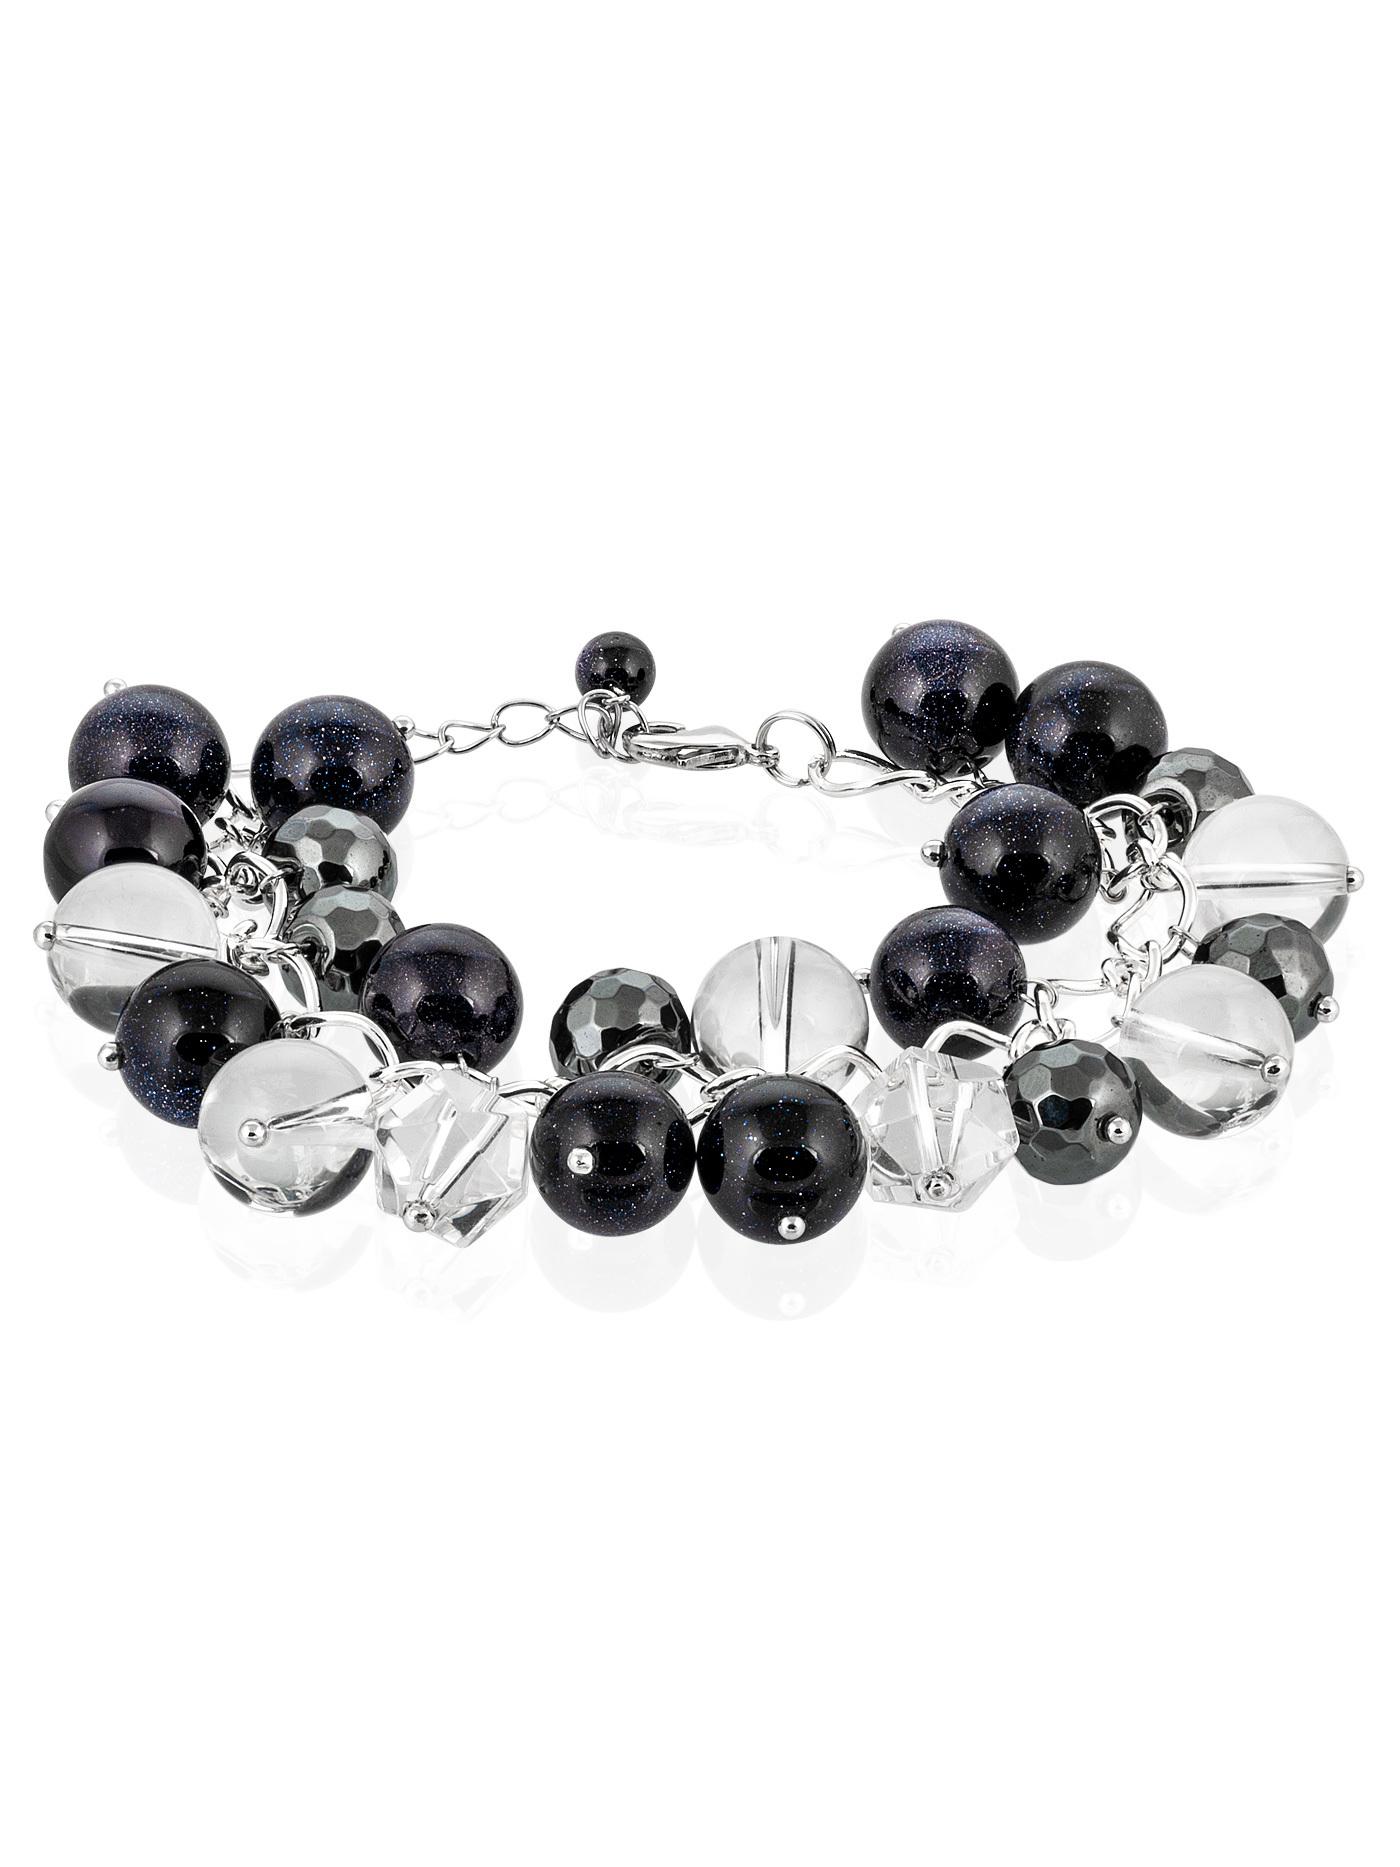 Браслет-гроздь с натуральными камнями, авантюрин, горный хрусталь, гематит в подарочной коробке